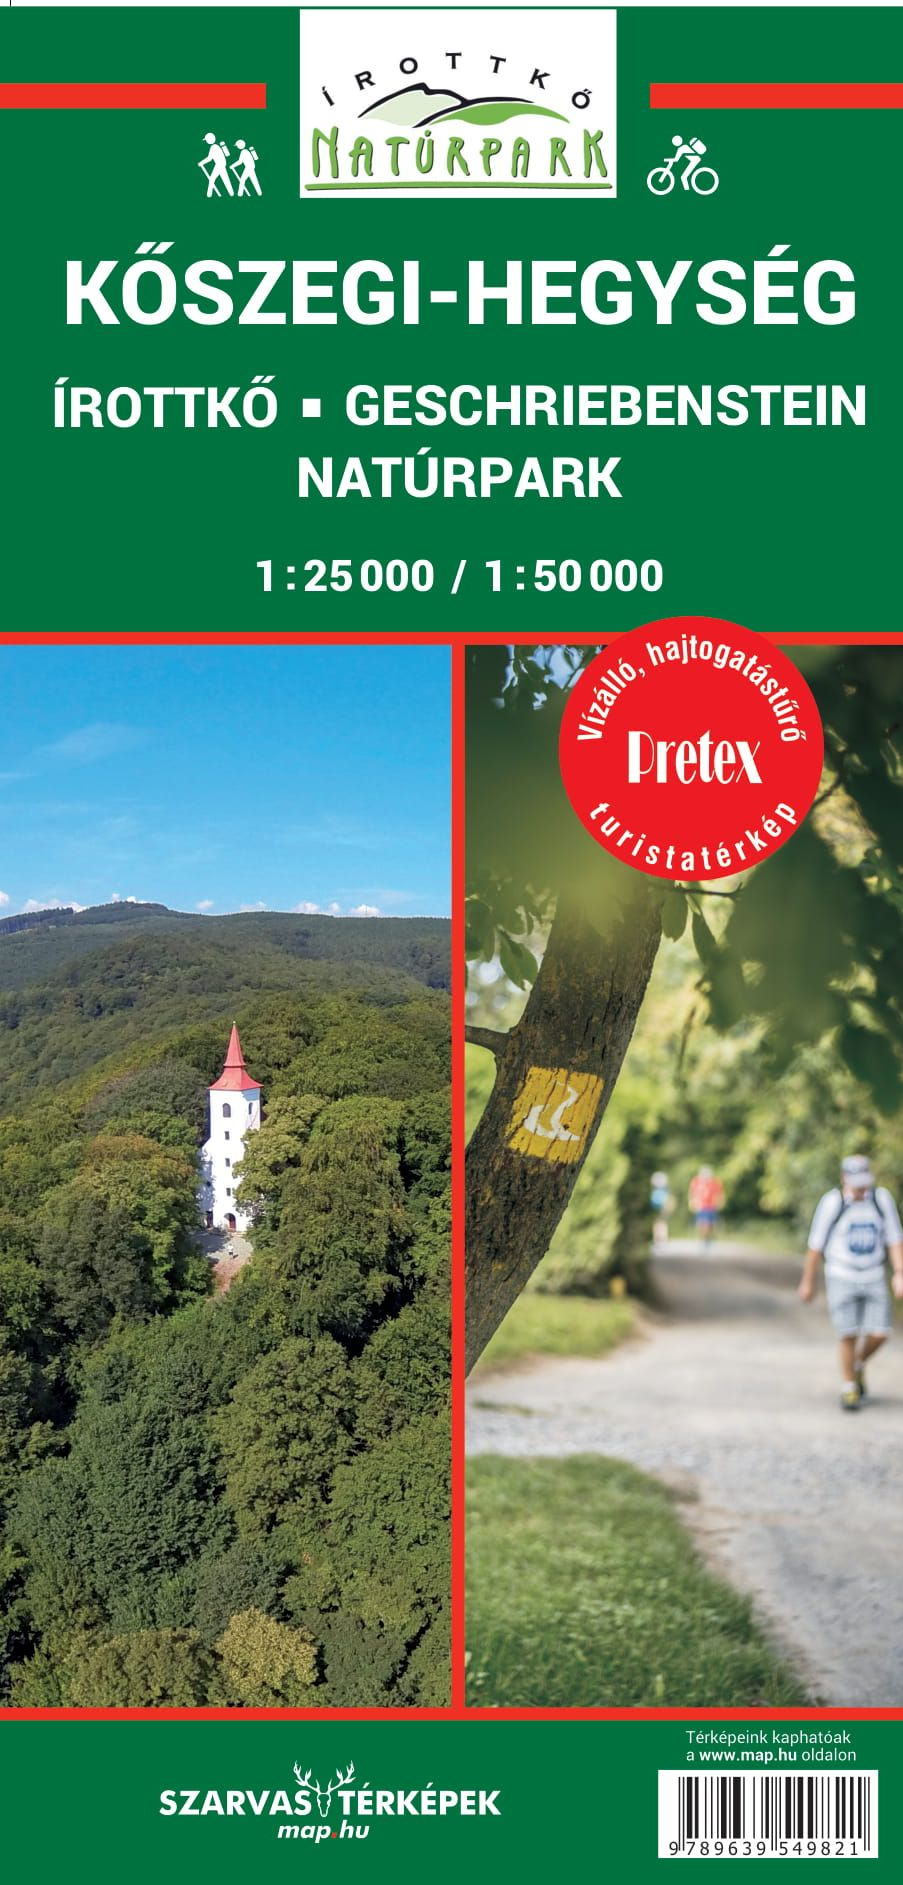 Vízálló és hajtogatást tűrő (szintetikus papíra - Pretex- nyomott) Kőszegi-hegység/Geschriebenstein turistatérkép azonnal szállítható raktárról!